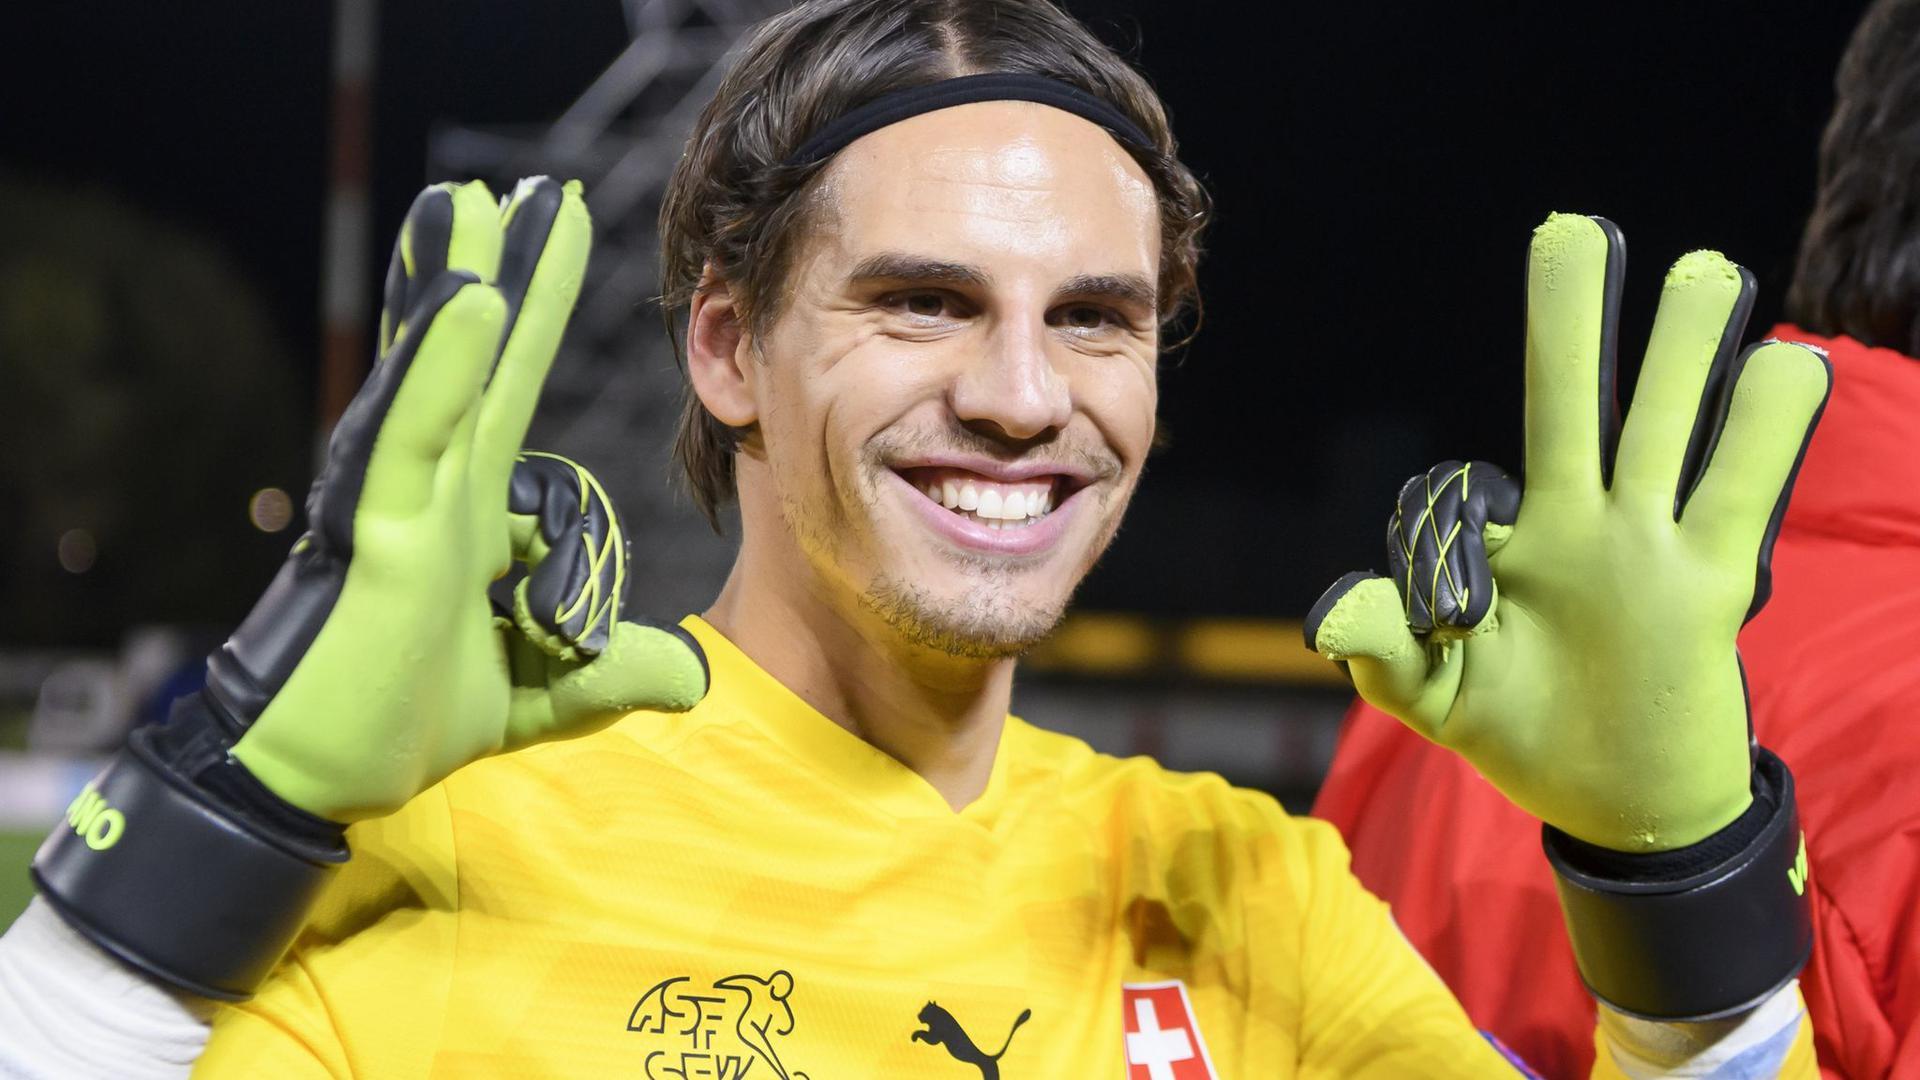 Der Schweizer Torhüter Yann Sommer ist einer von noch 27 im EM-Turnier verbleibenen Bundesliga-Spielern.